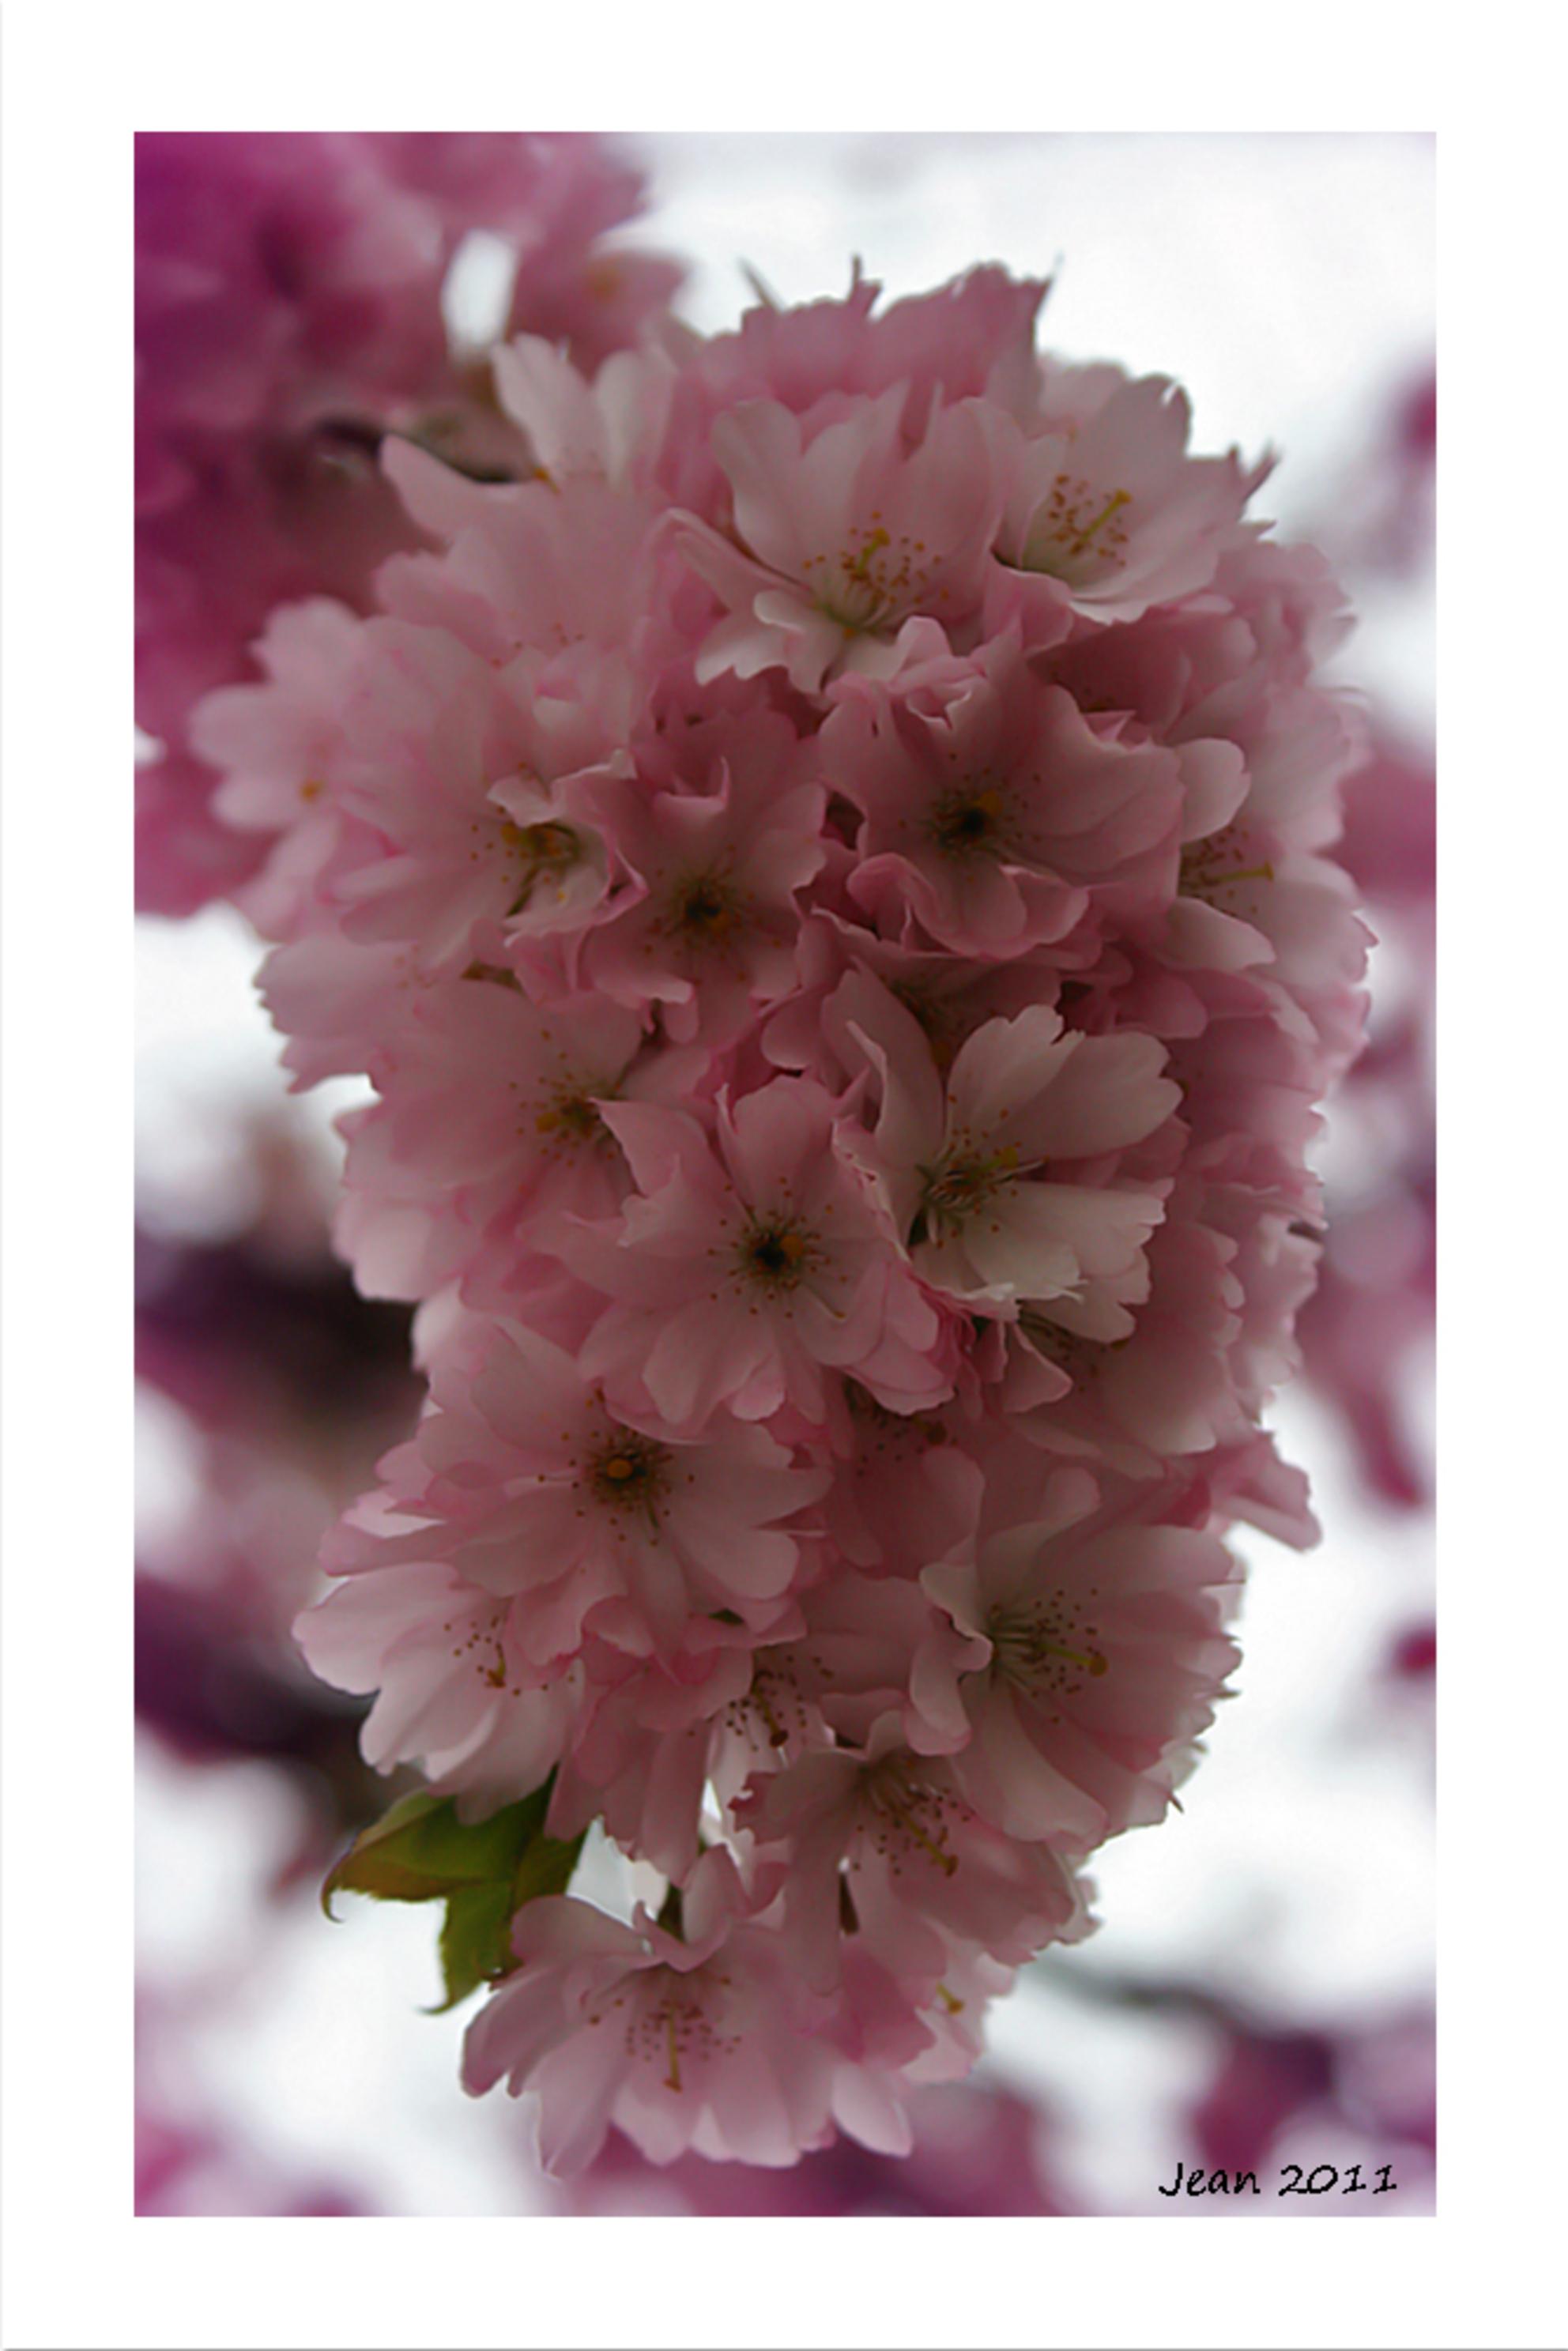 Fleur rose (Prunus) - Al een paar keer eerder een stukje van de prunus geplaatst. Maar hier weer een andere compo, en met tegenlicht :). - foto door Damarofoto op 15-05-2011 - deze foto bevat: roze, lente, prunus, rose, voorjaar, bloesem, jean